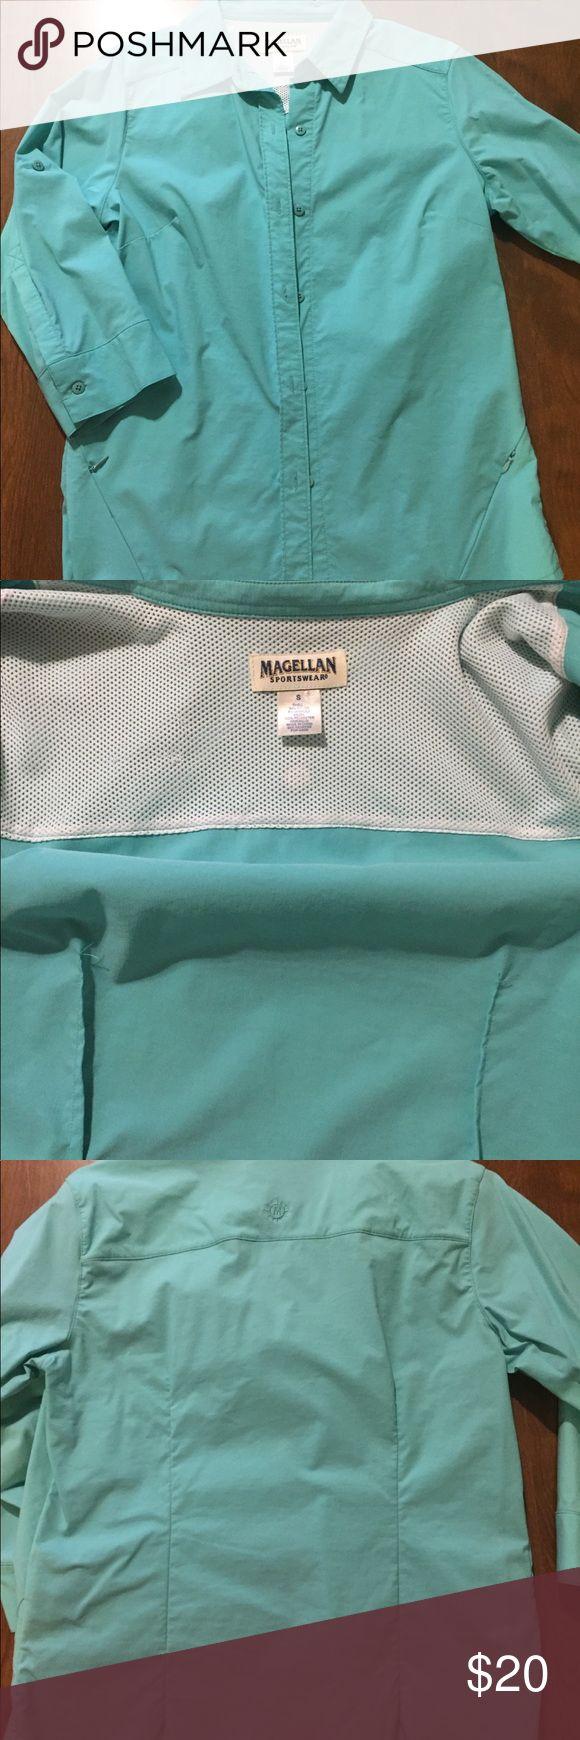 """Magellan ladies fishing shirt Nice aqua colored ladies fishing shirt from Magellan Sportswear. size S. measures 18"""" pit -pit & 25"""" from shoulder to bottom. In EUC! Magellan Sportswear Tops Button Down Shirts #FishingShirt"""